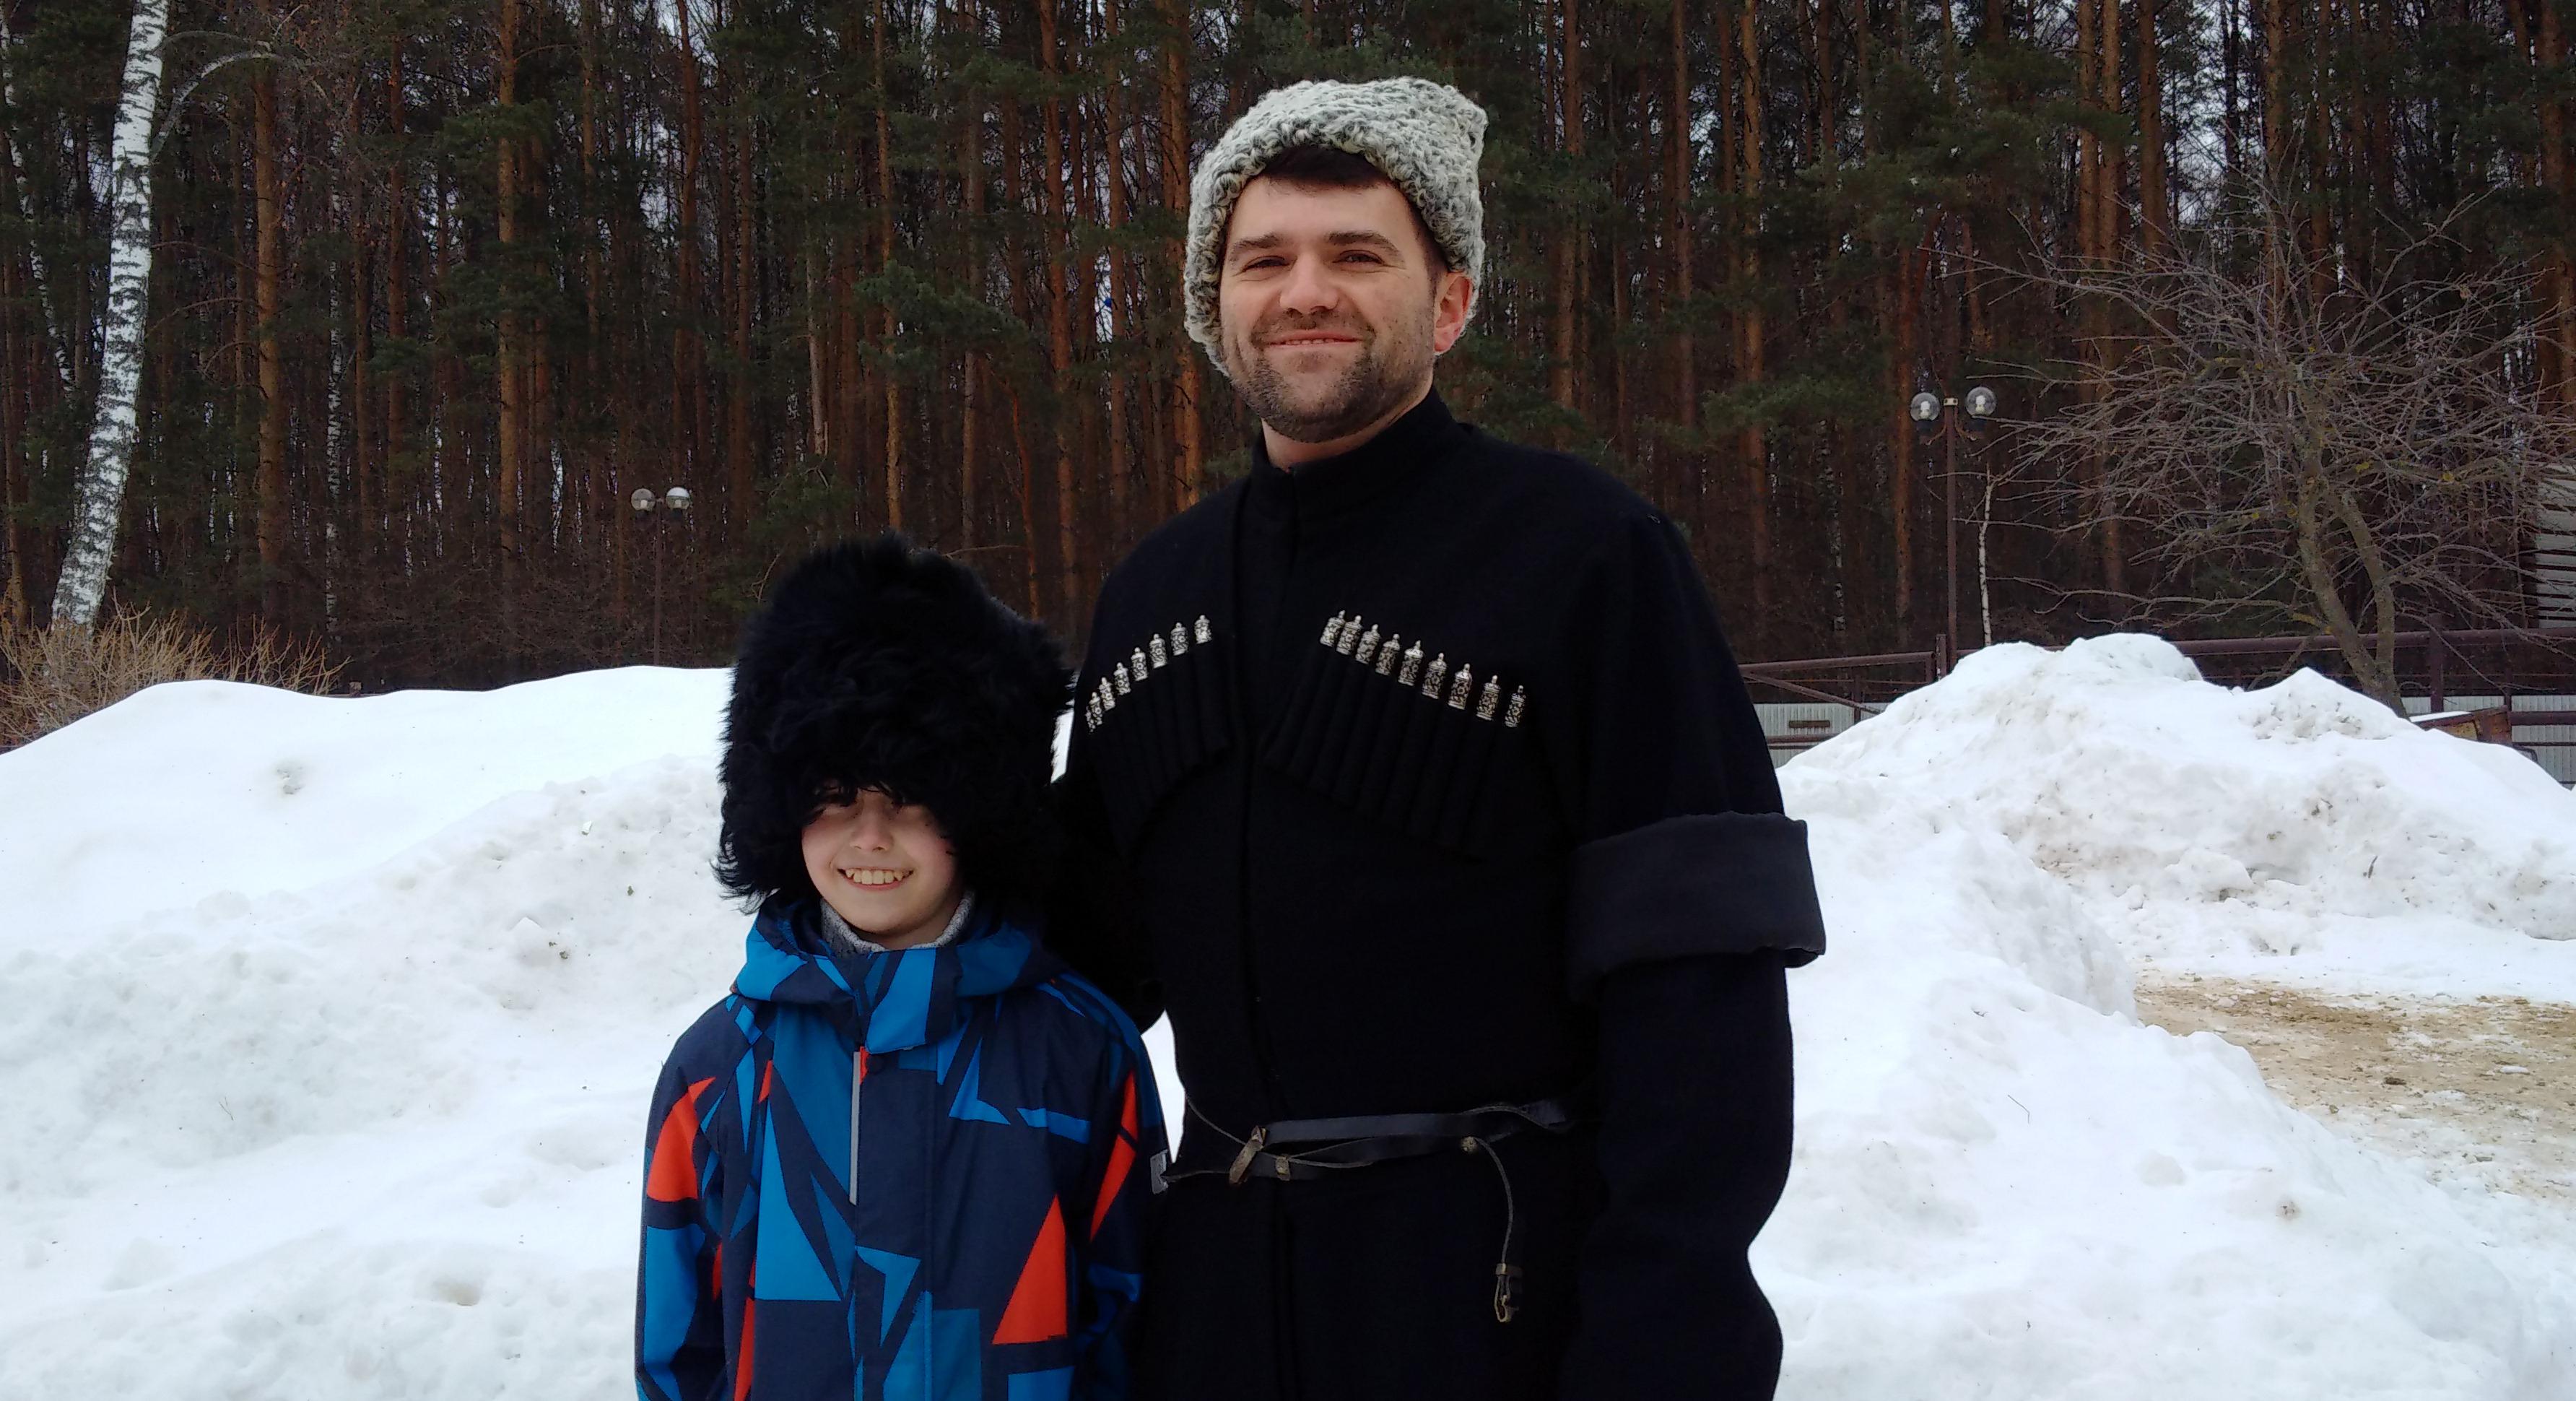 сын воображает, что он тоже стоит в черкеске!